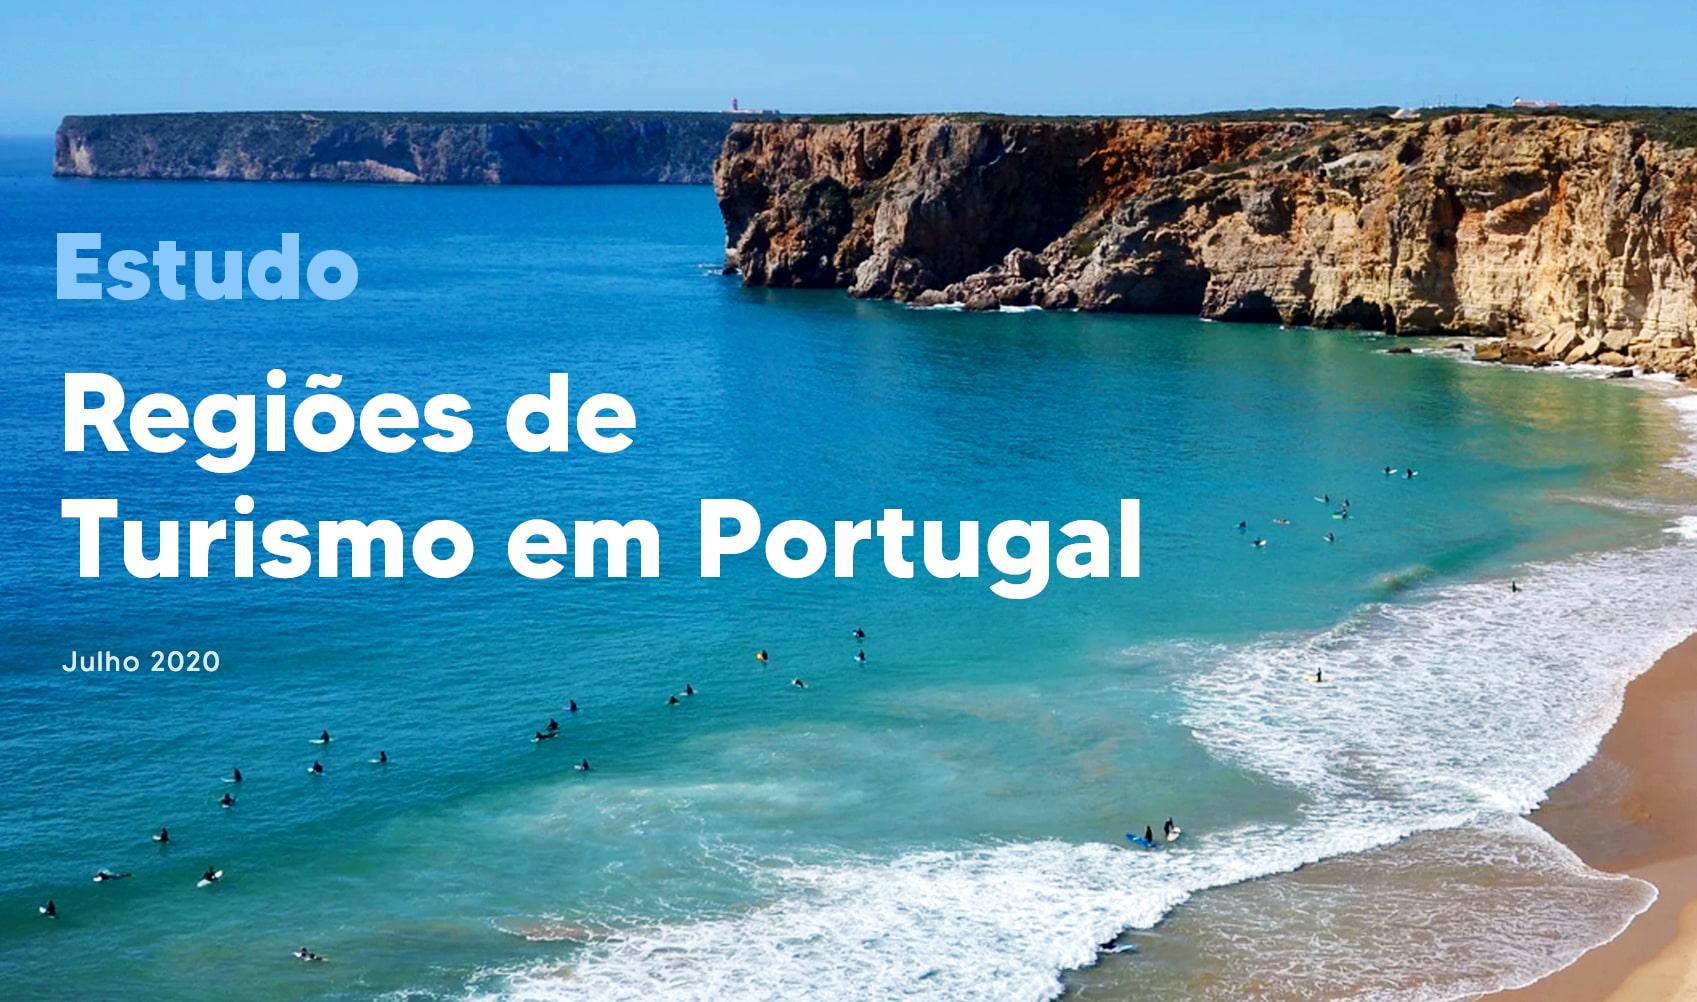 Regiões de Turismo em Portugal